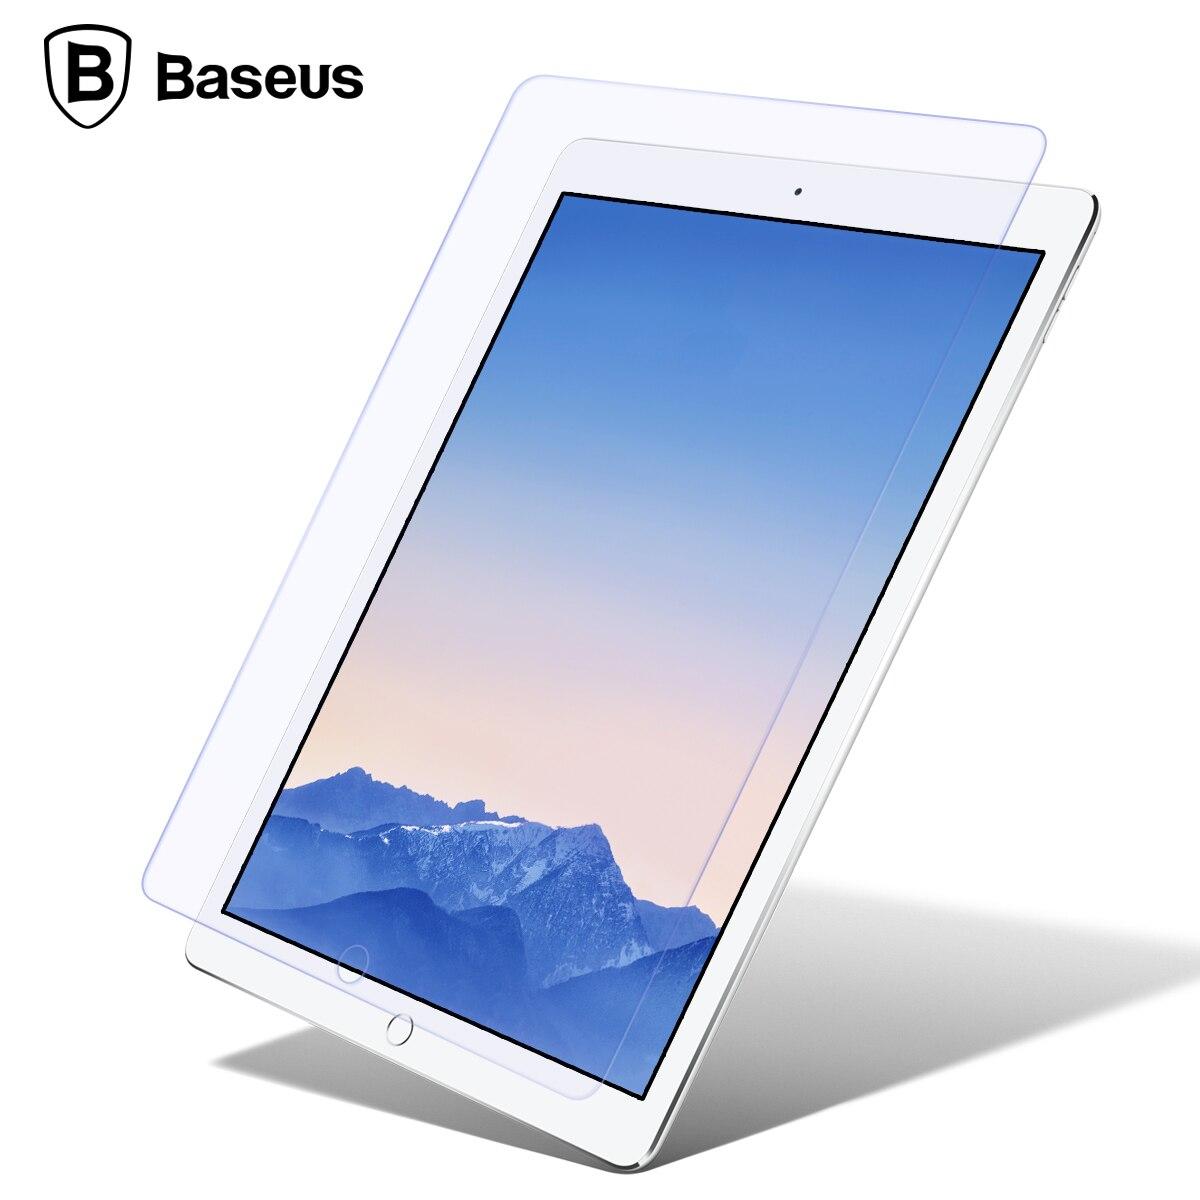 bilder für Baseus Displayschutz Gehärtetem Glas Für iPad Pro 9,7 iPad Air 2 1 Ultradünne Hartglasmembran-schutzfolie Für iPad 6 5 Front Cover Film